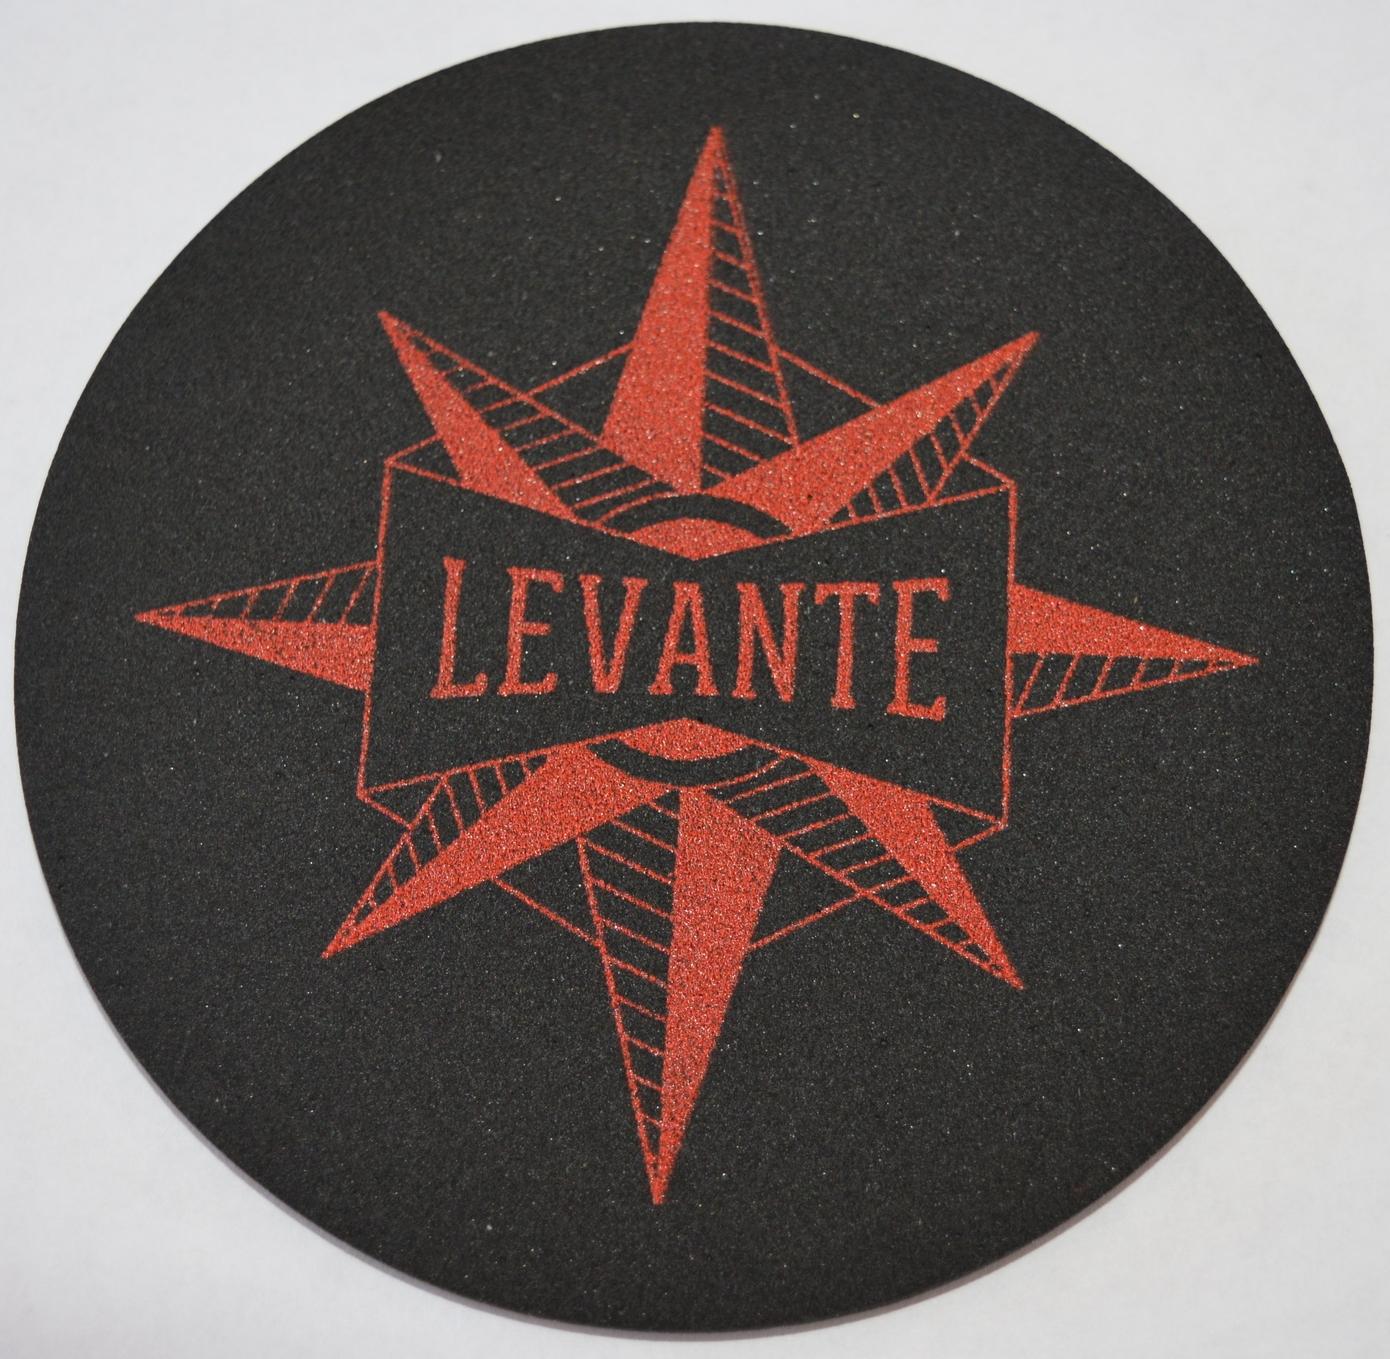 Levante Brewing